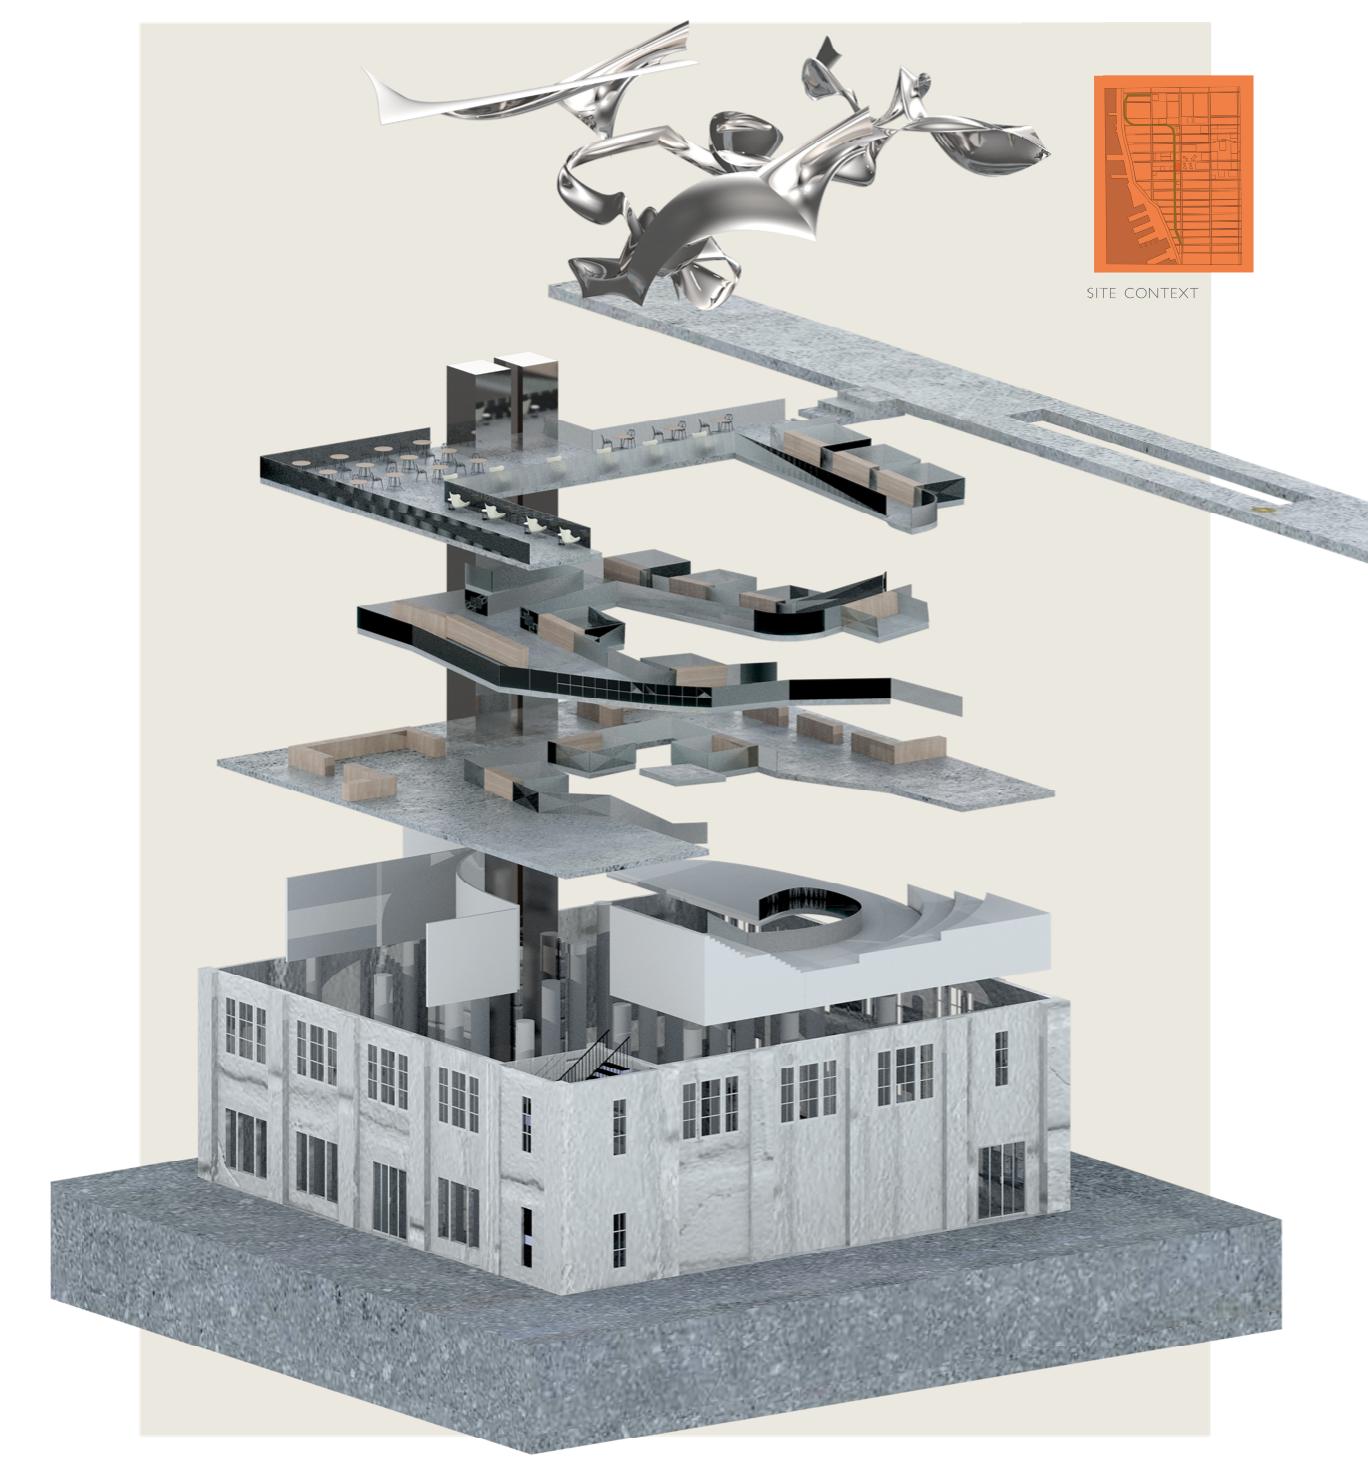 Spatial Network, 2018, Digital Print, 18 in x 12 in